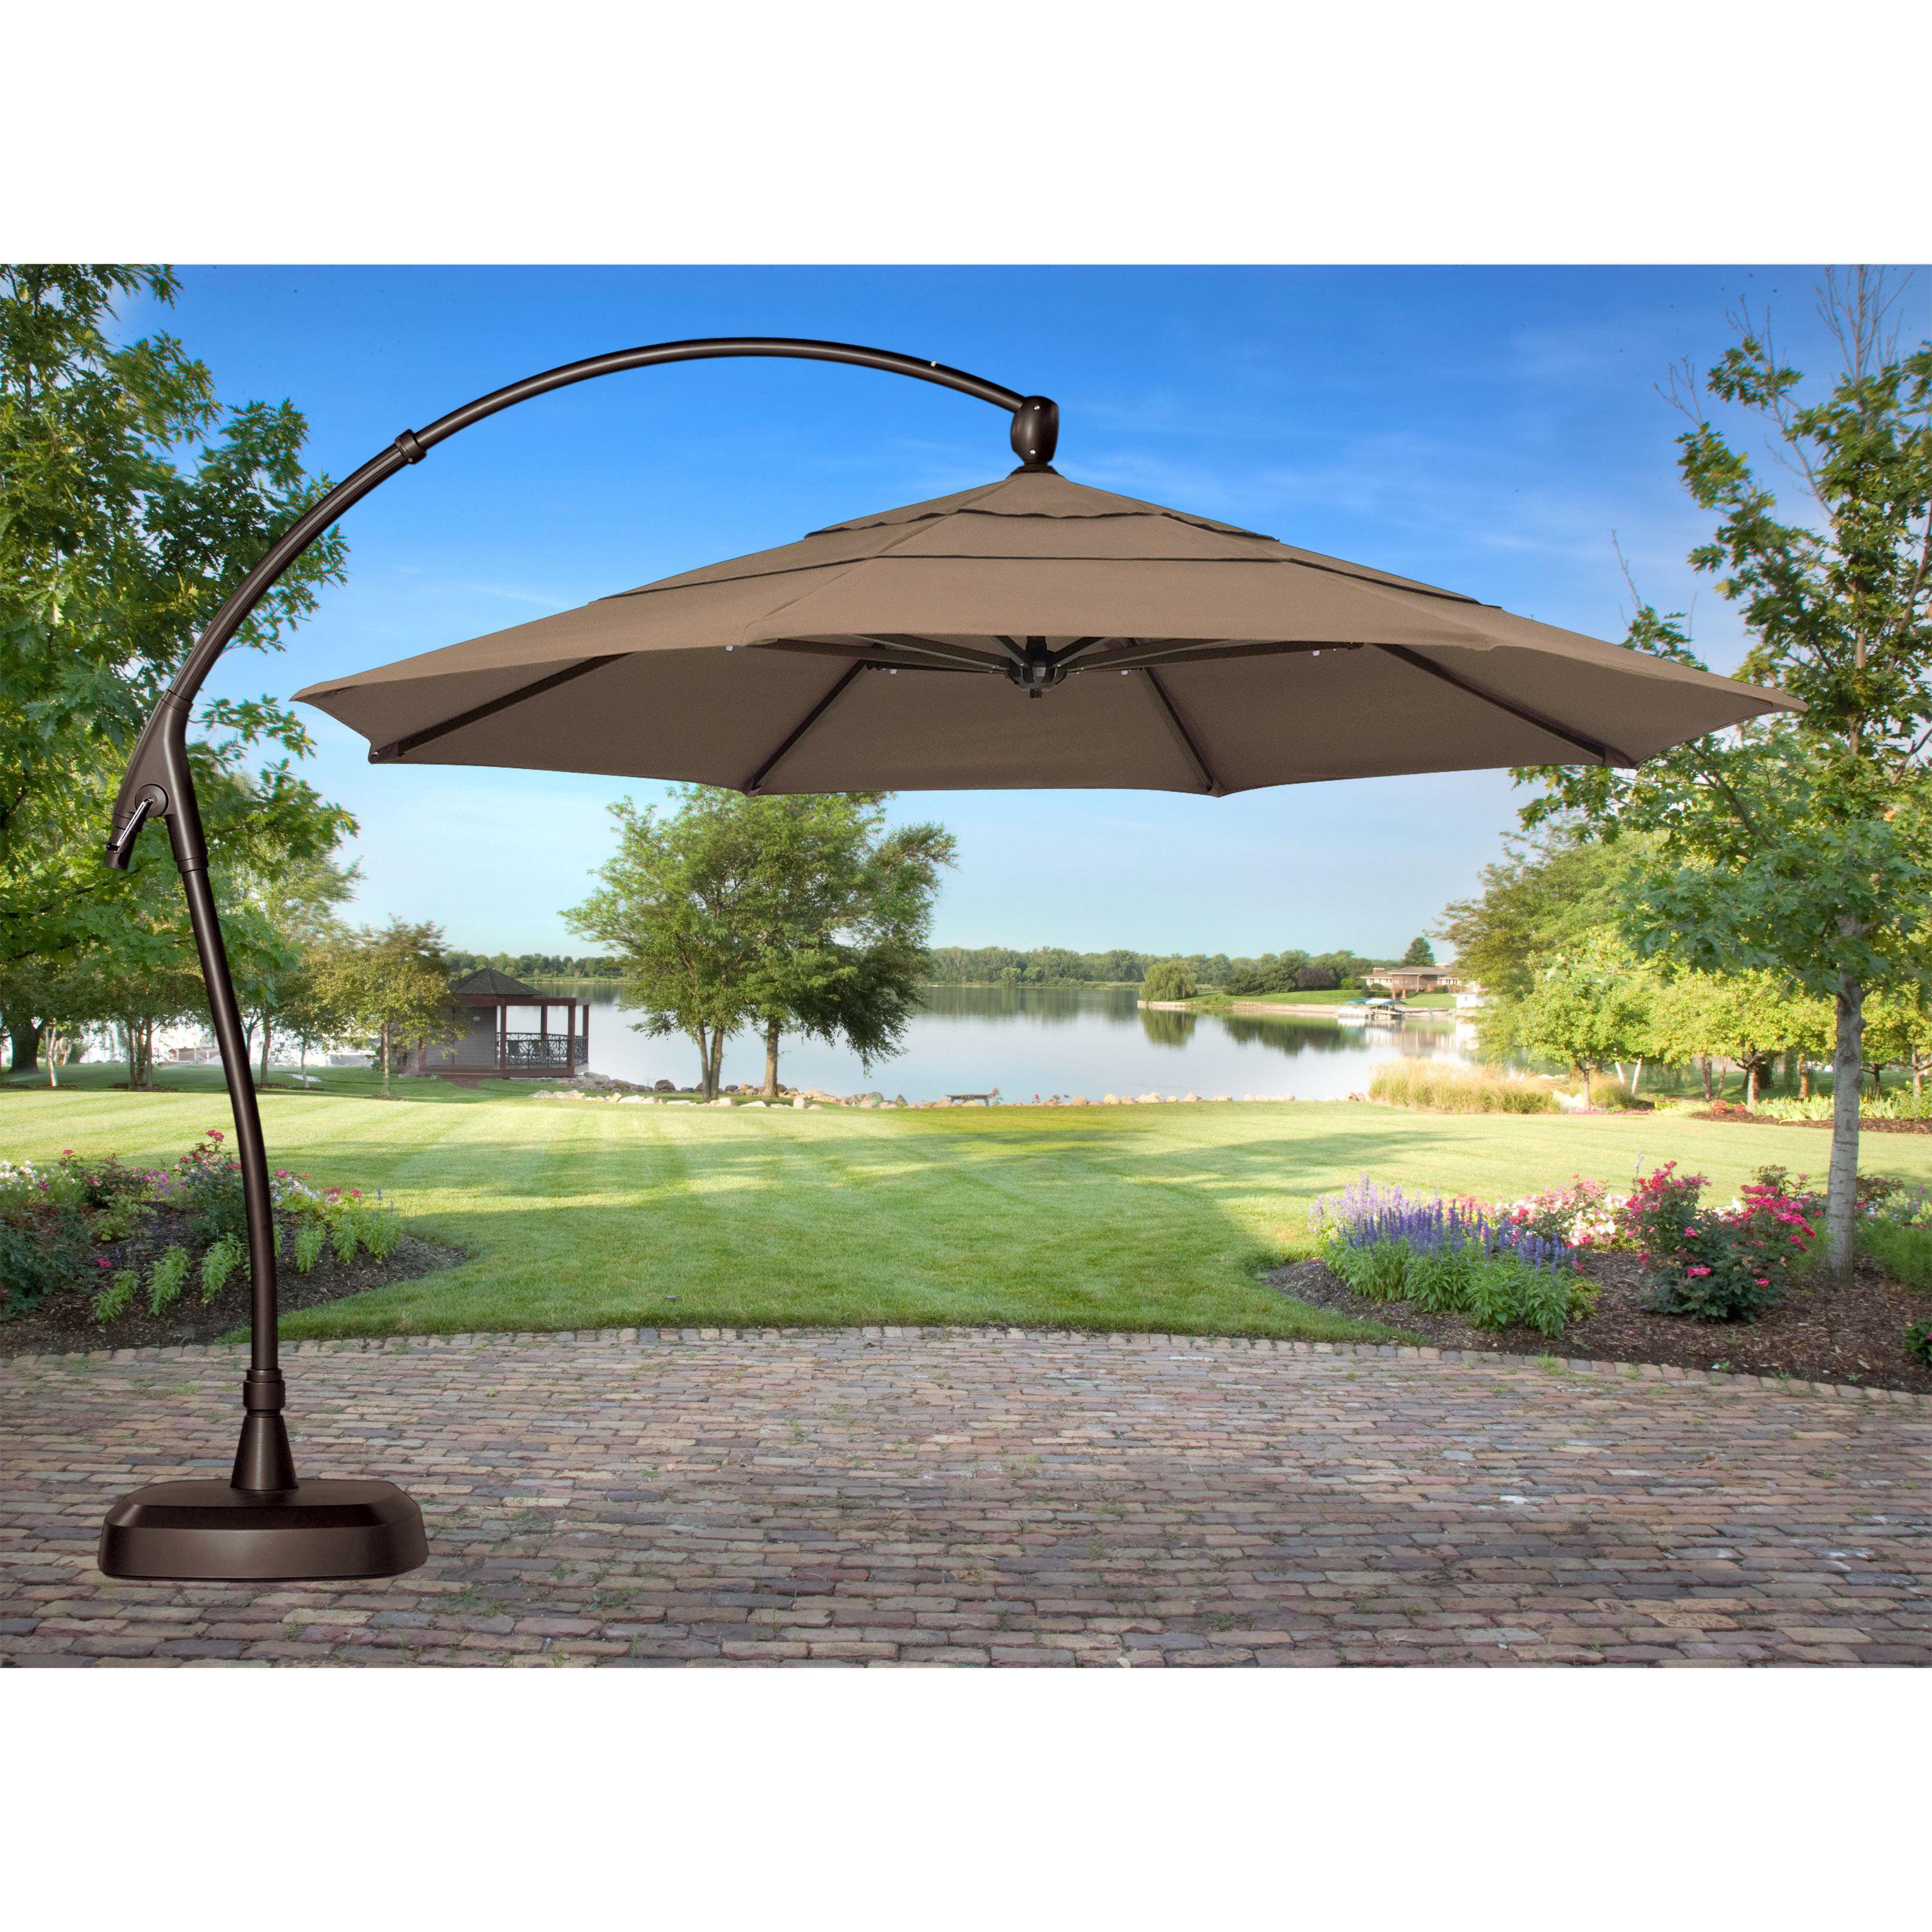 treasure garden 11 ft. cantilever offset sunbrella patio umbrella 11 Ft Umbrella Base